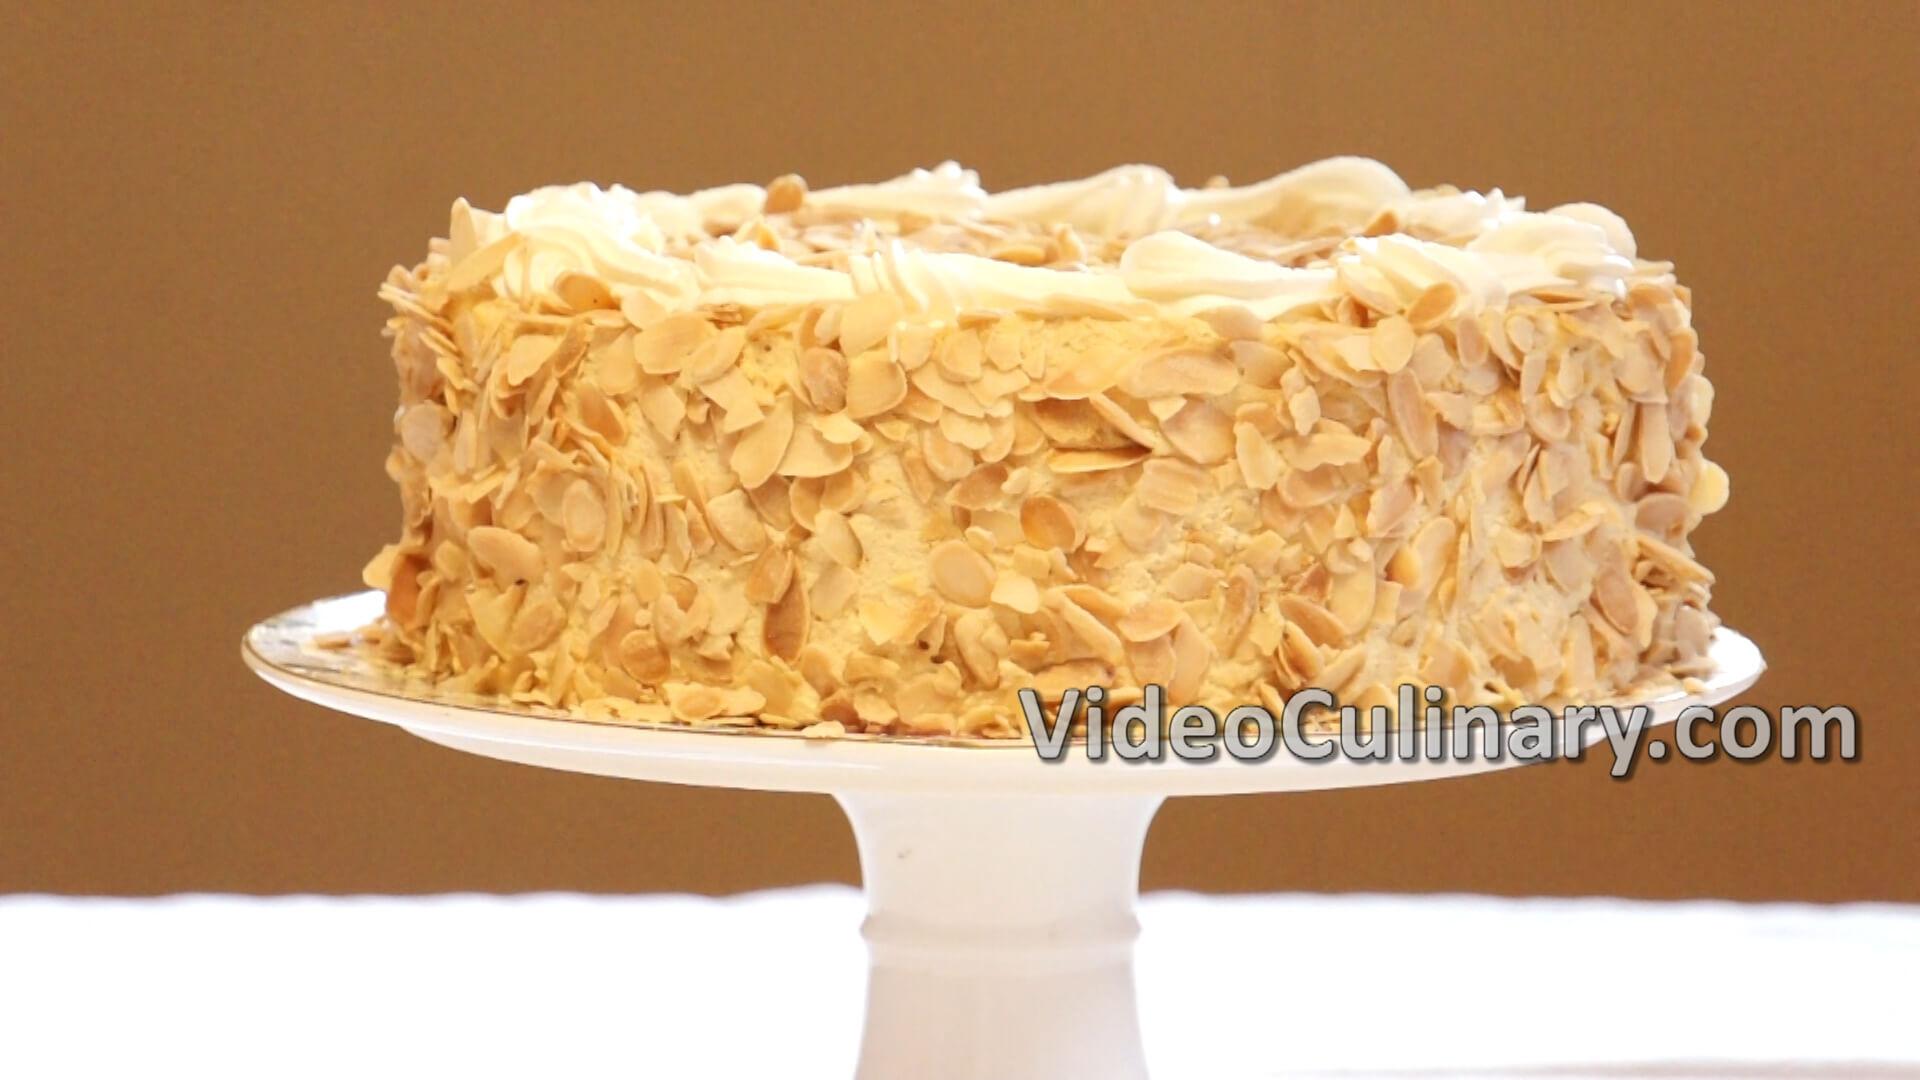 White Chocolate Hazelnut Mousse Cake